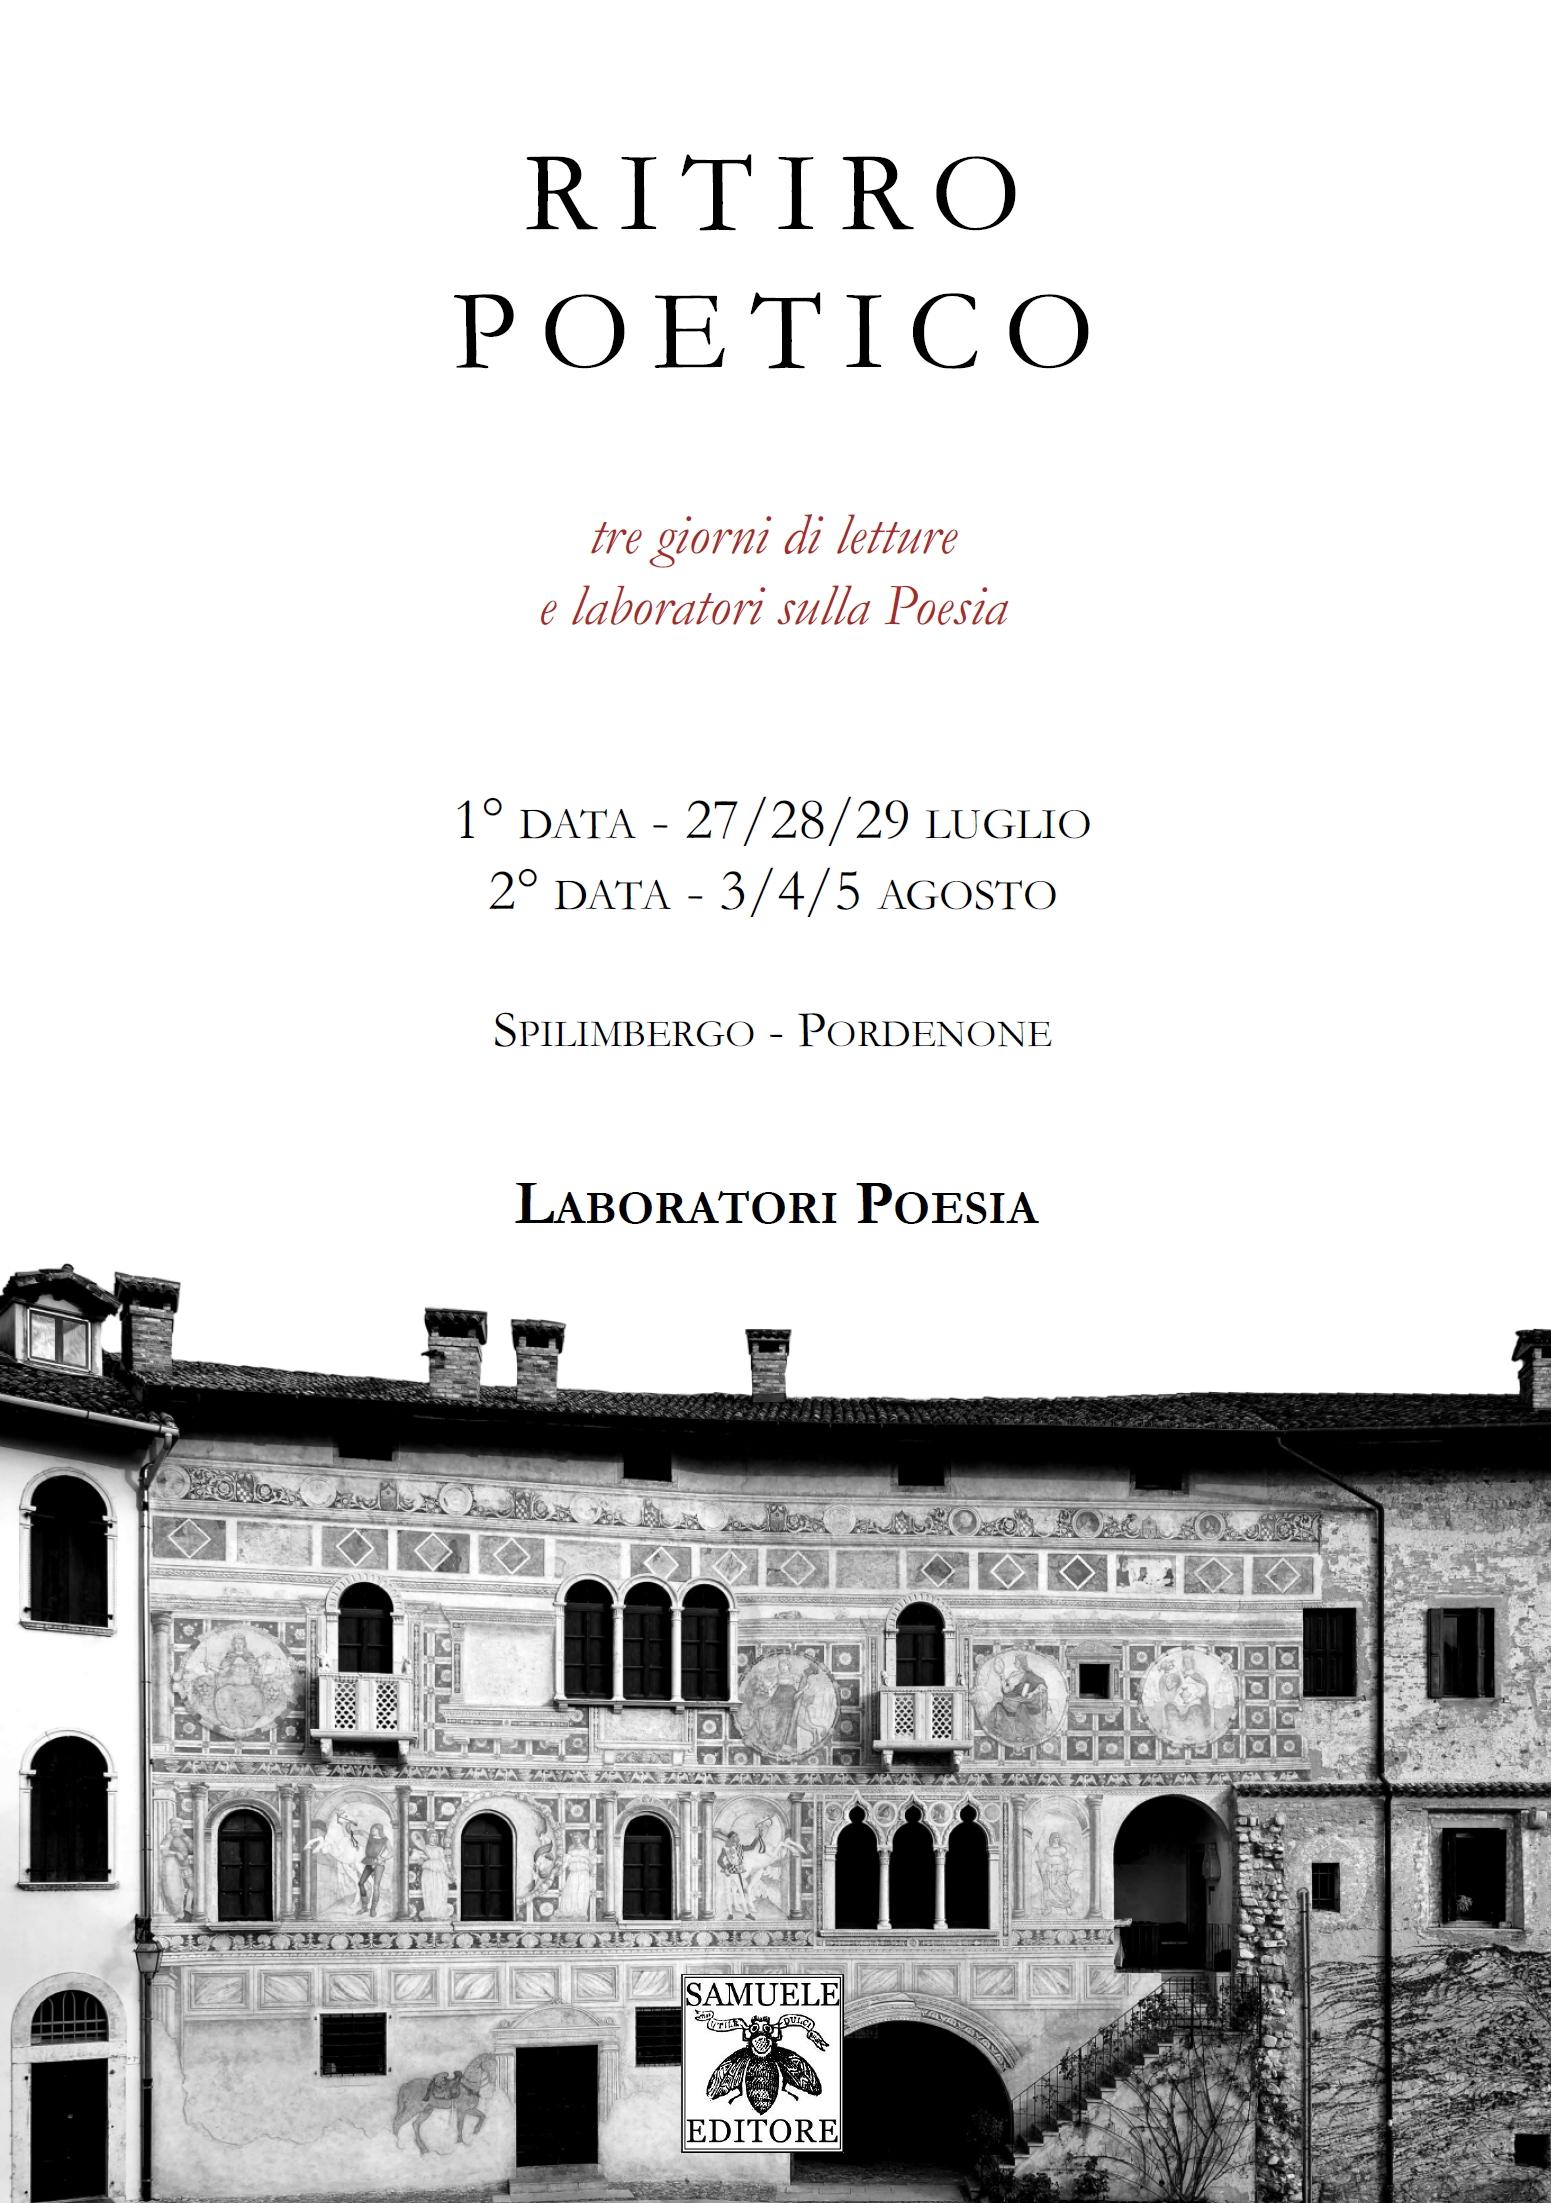 Ritiro Poetico a Spilimbergo - Pordenone 1